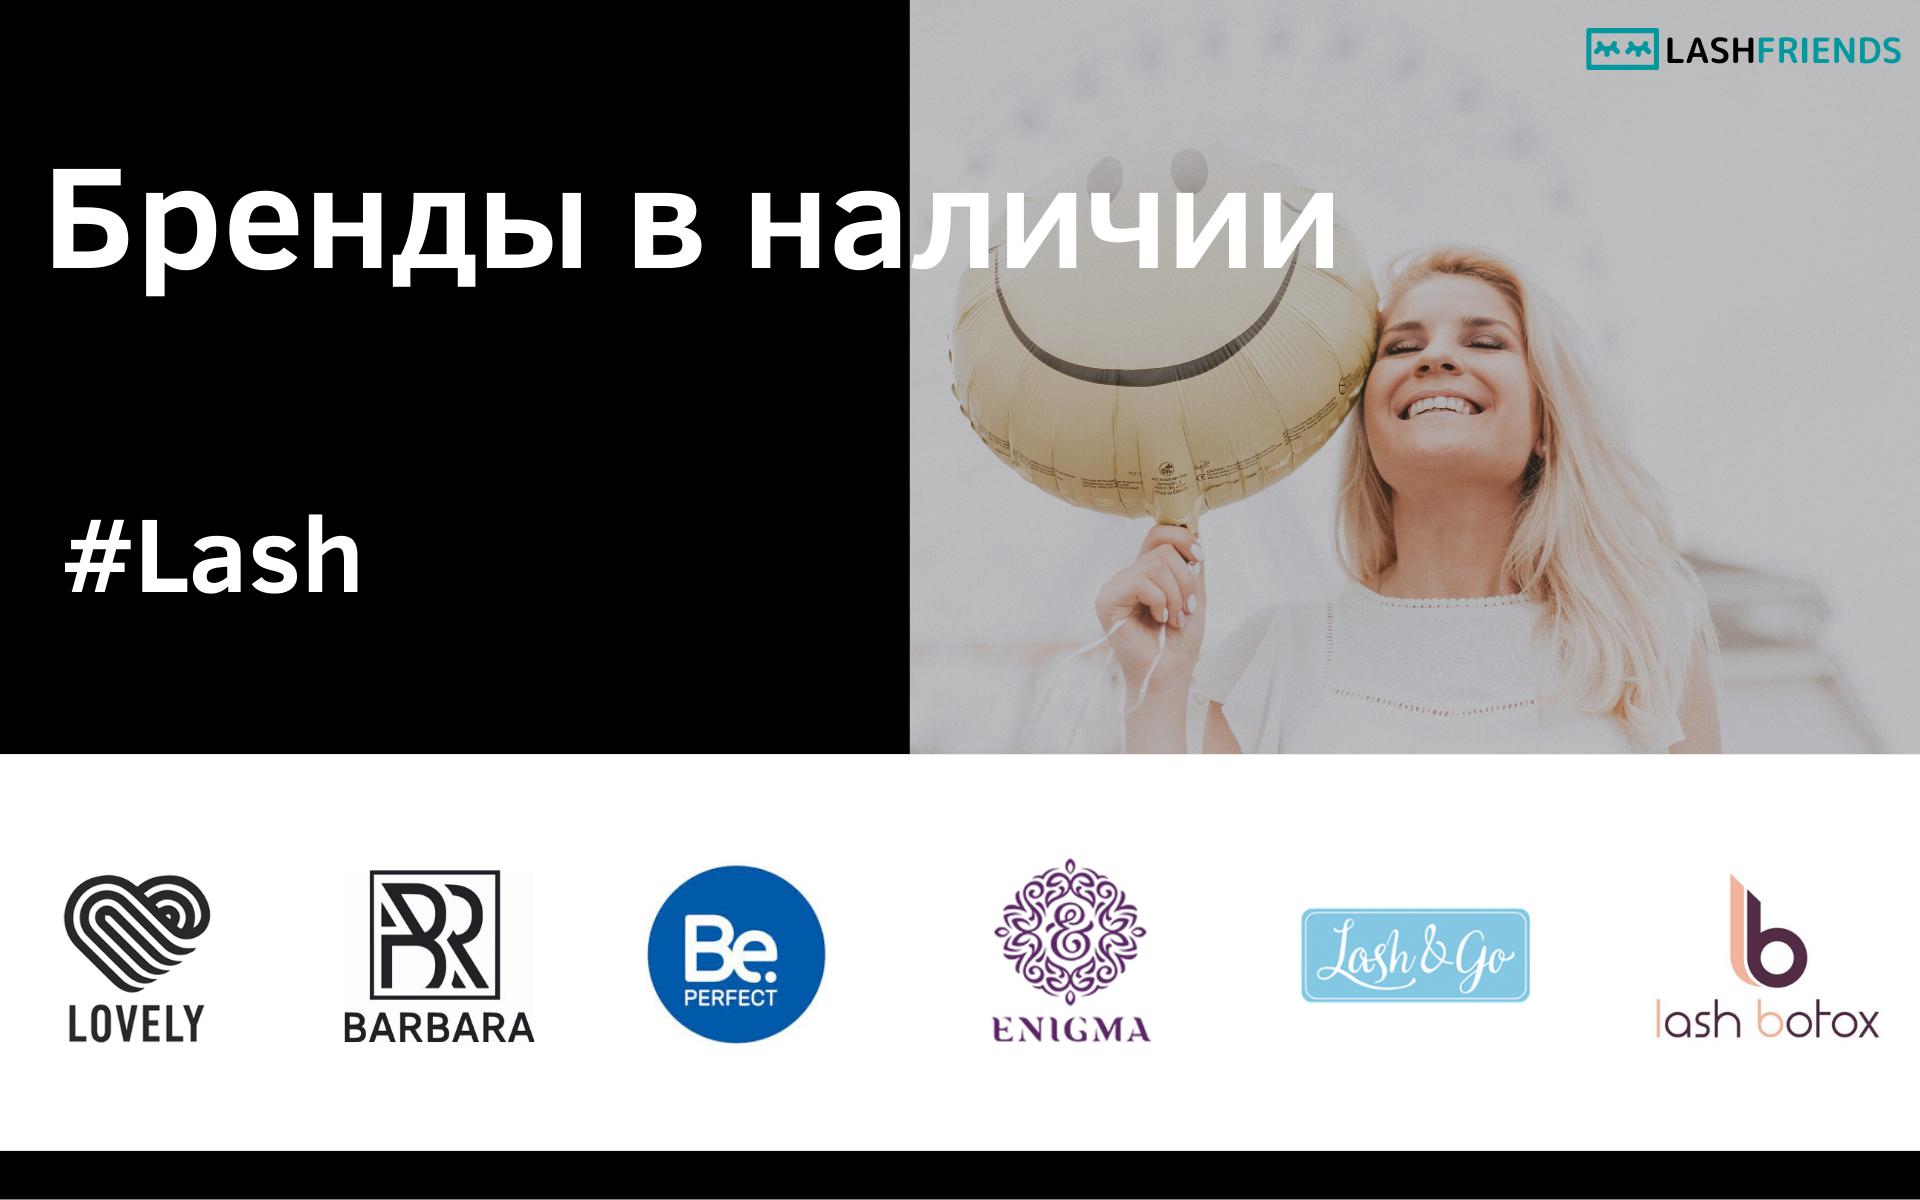 Первый интернет-магазин для lash и brow-мастеров в Липецке